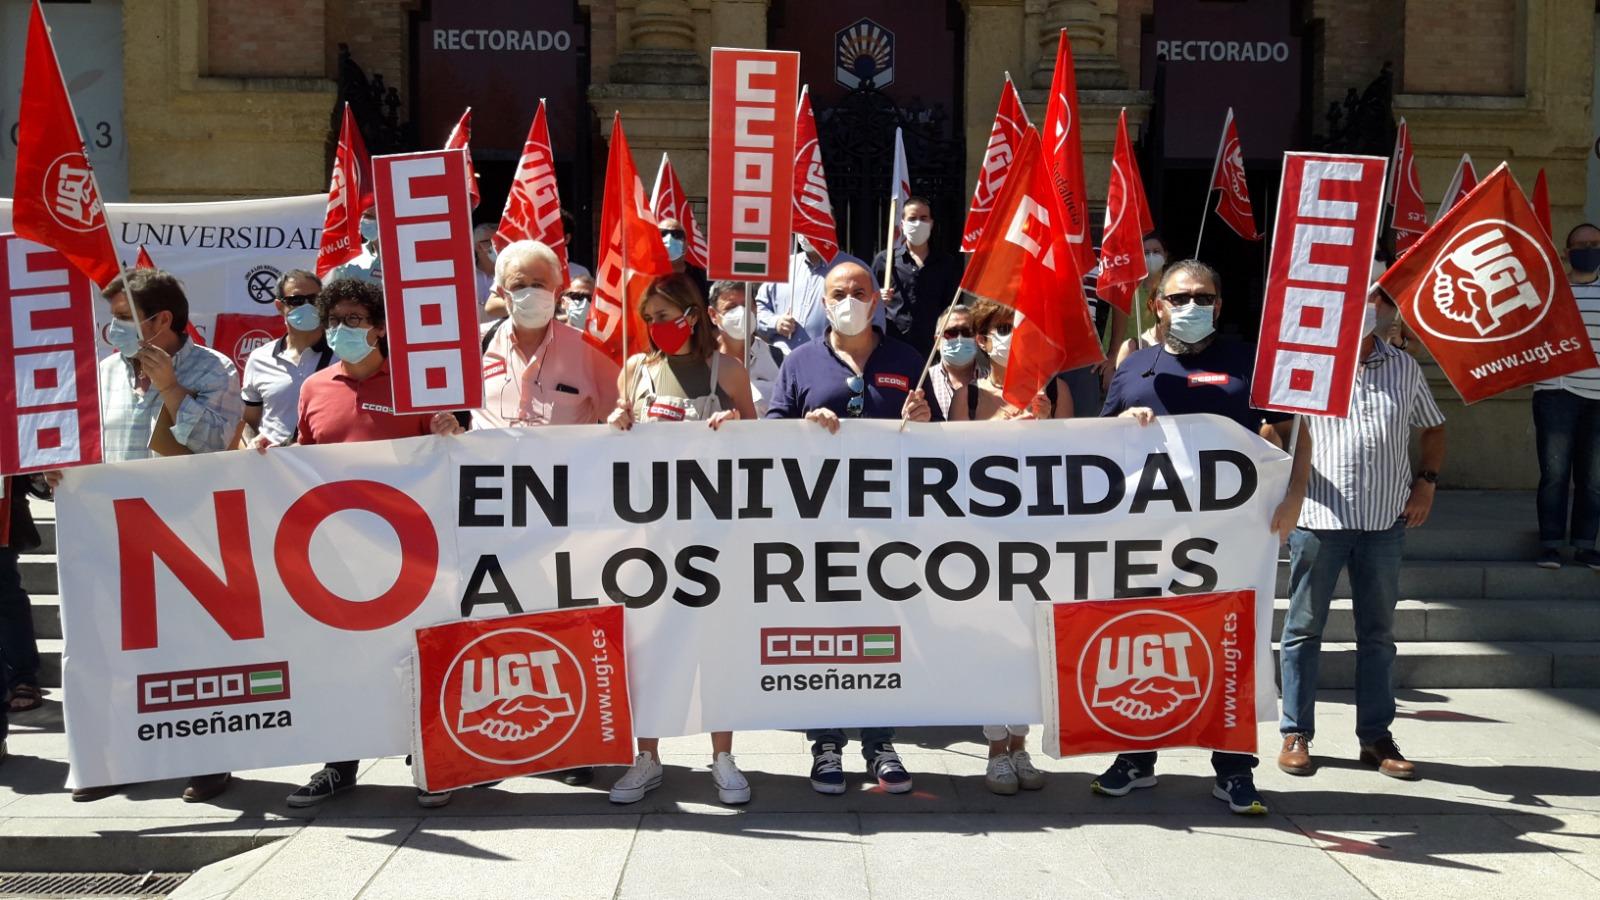 Concetración UGT y CCOO contra recortes Junta de Andalucía